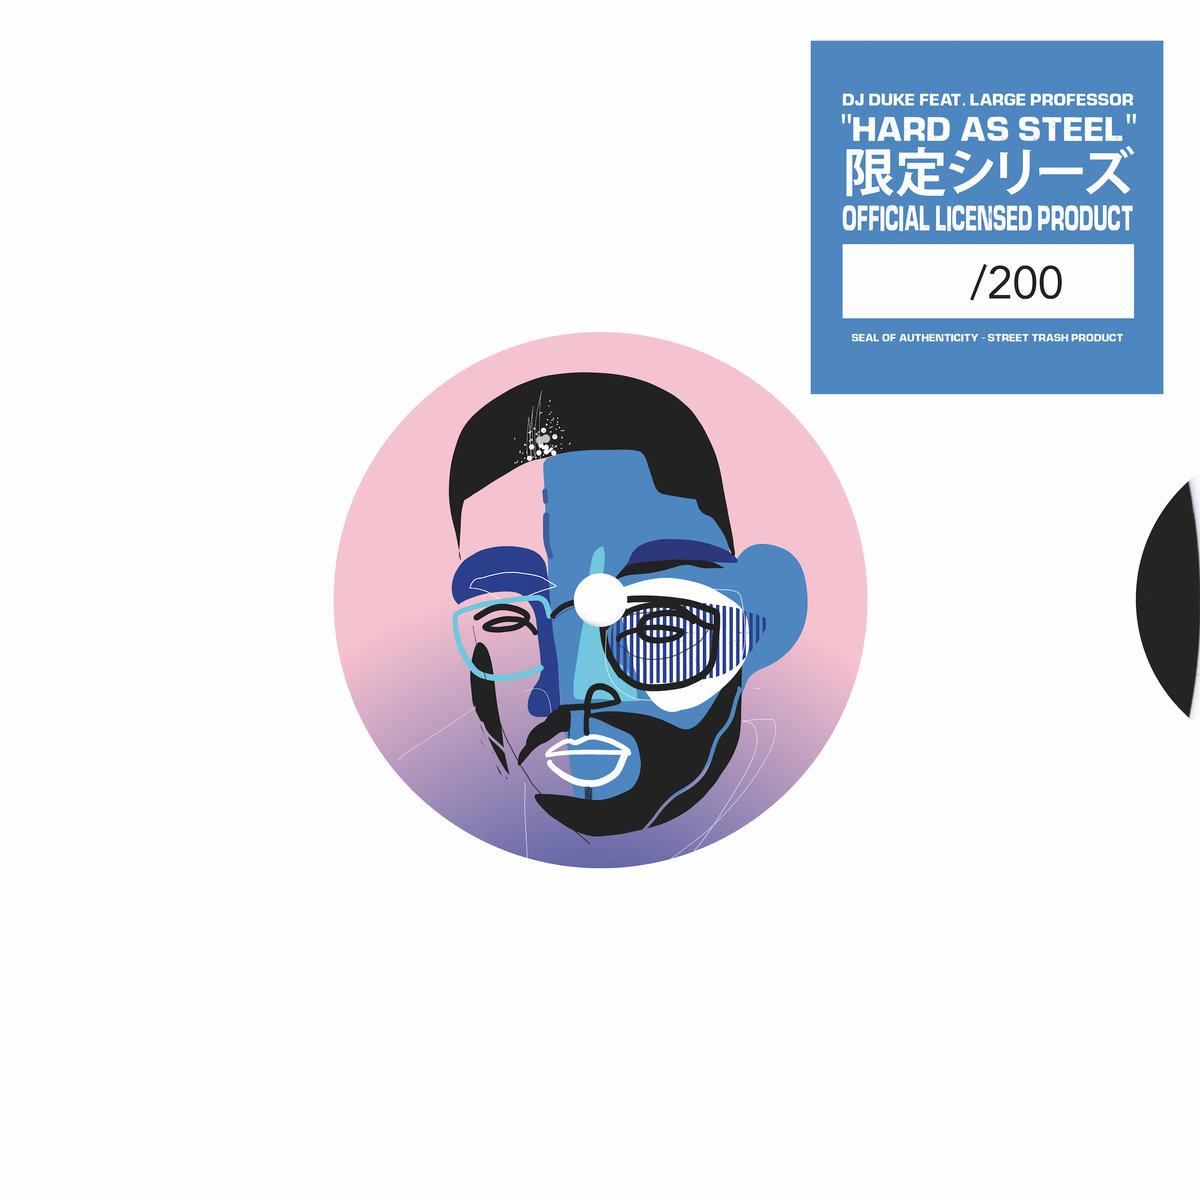 DJ Duke x Large Professor «Hard as Steel»